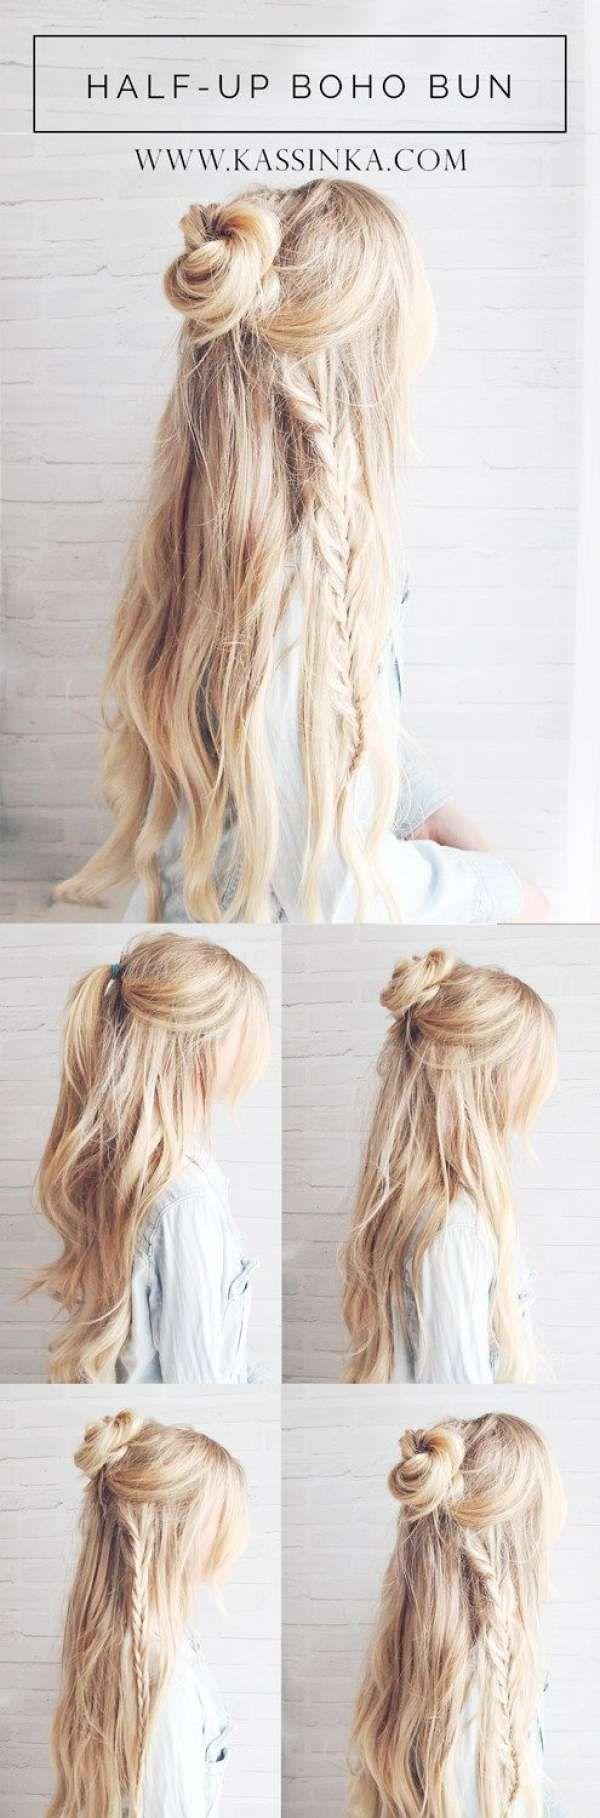 coiffures faciles pour été hair style easy hairstyles and hair